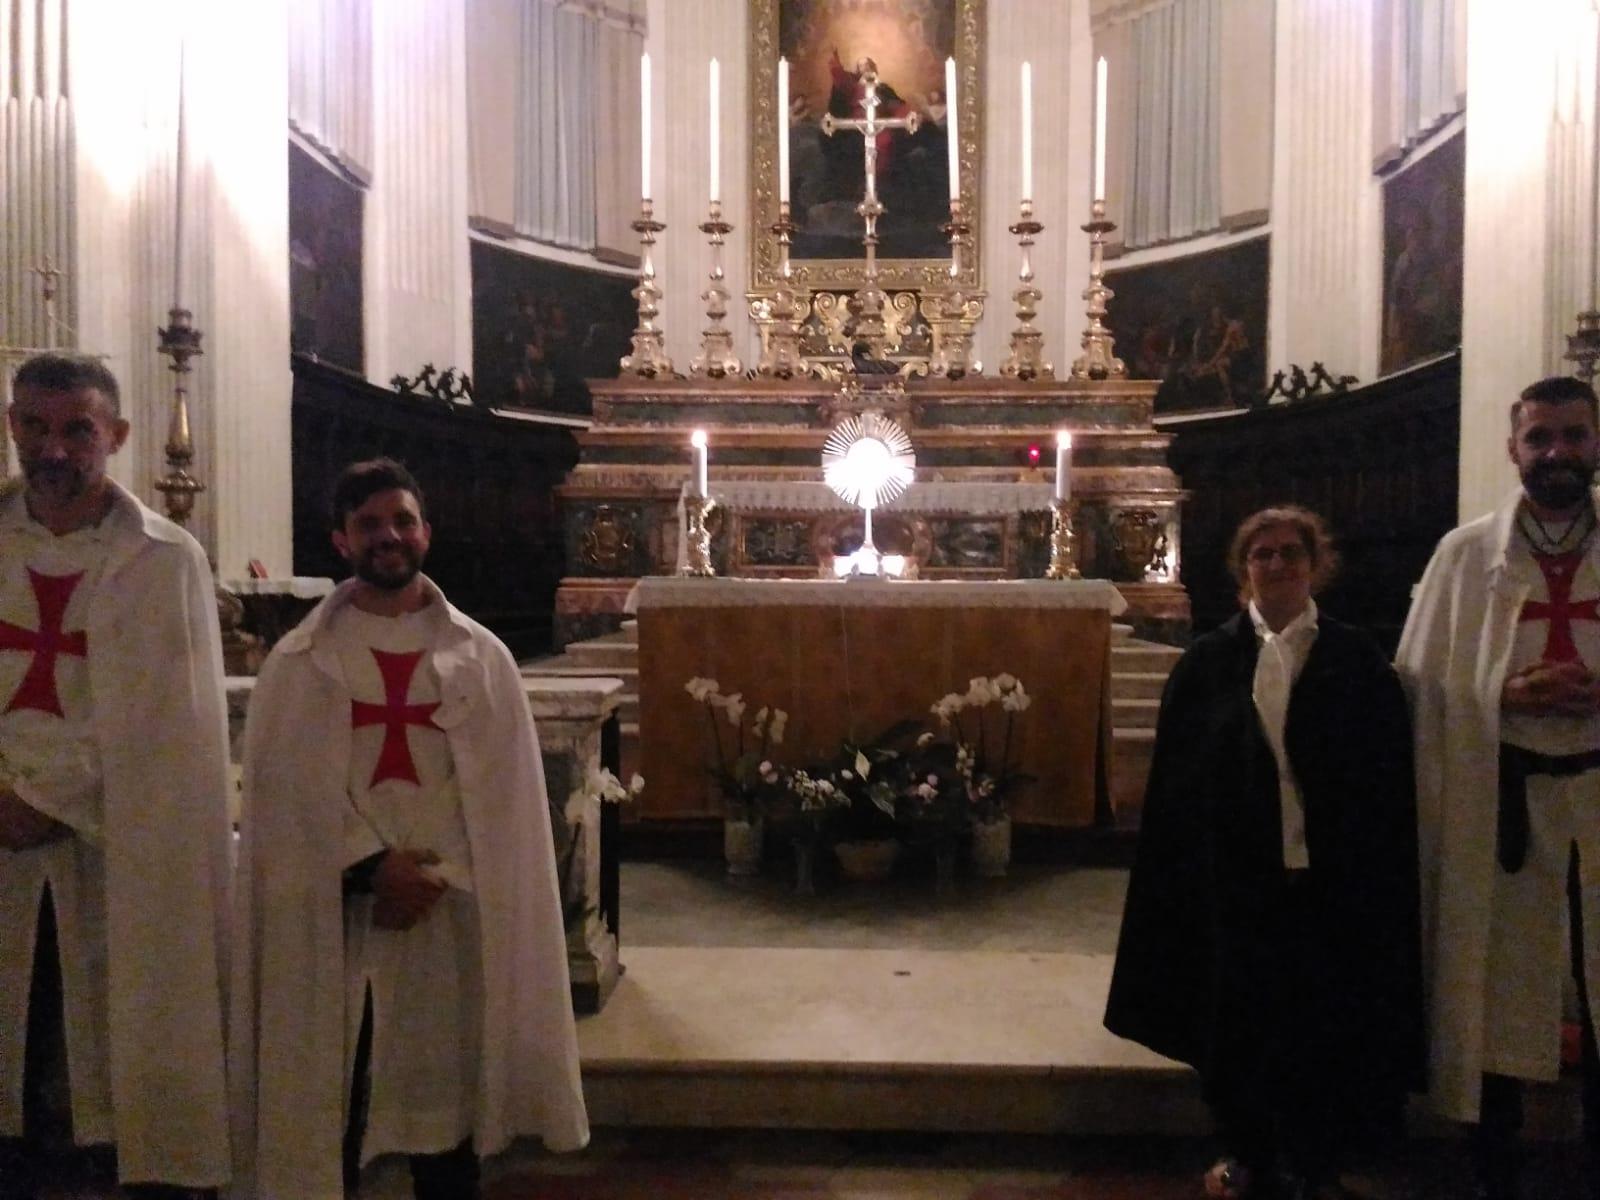 Custodia della Basilica del Santissimo Salvatore a Bologna – 03 Ago 2018